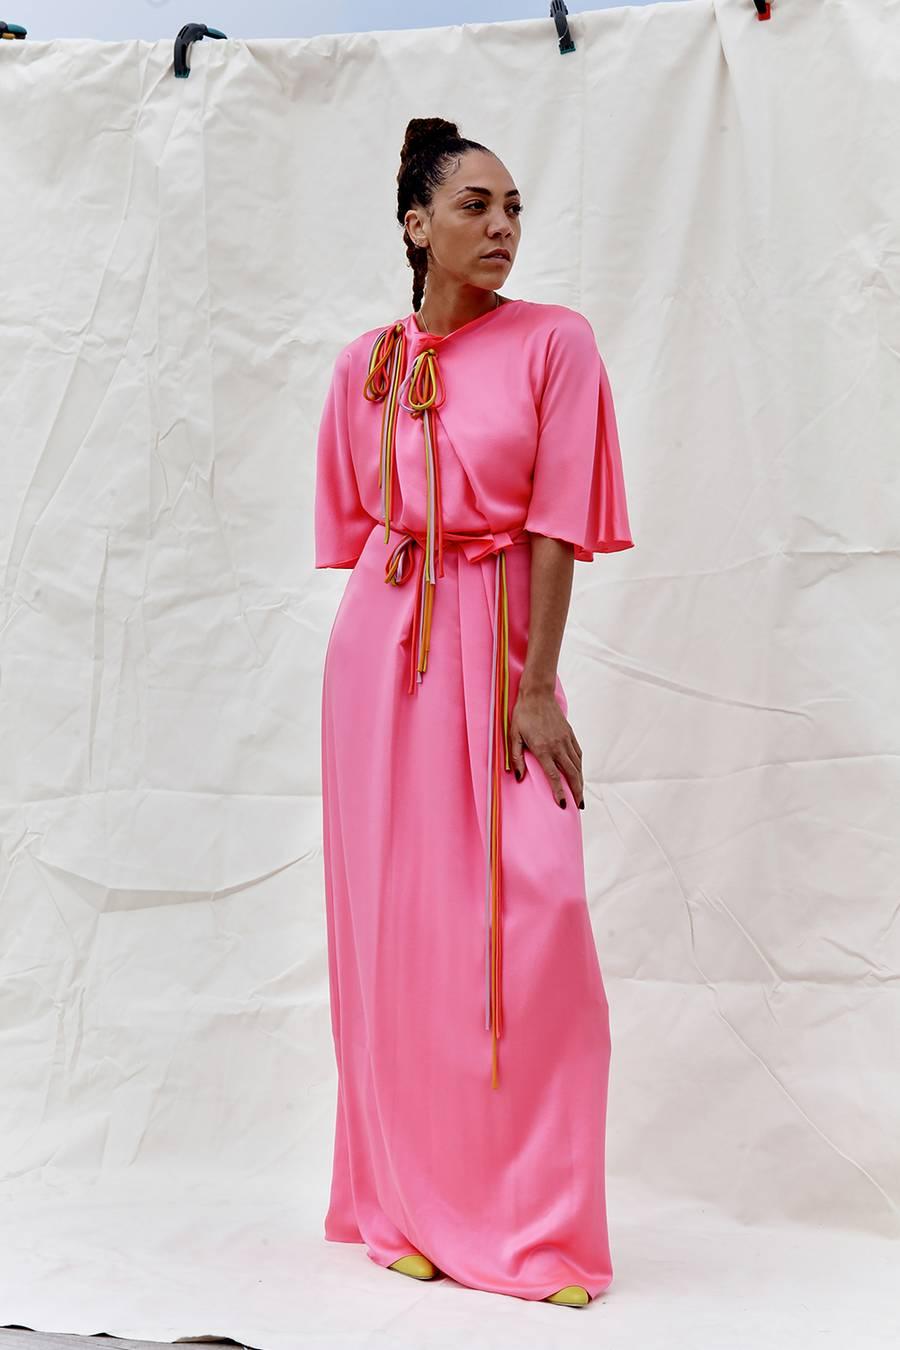 Đầm màu hồng nóng